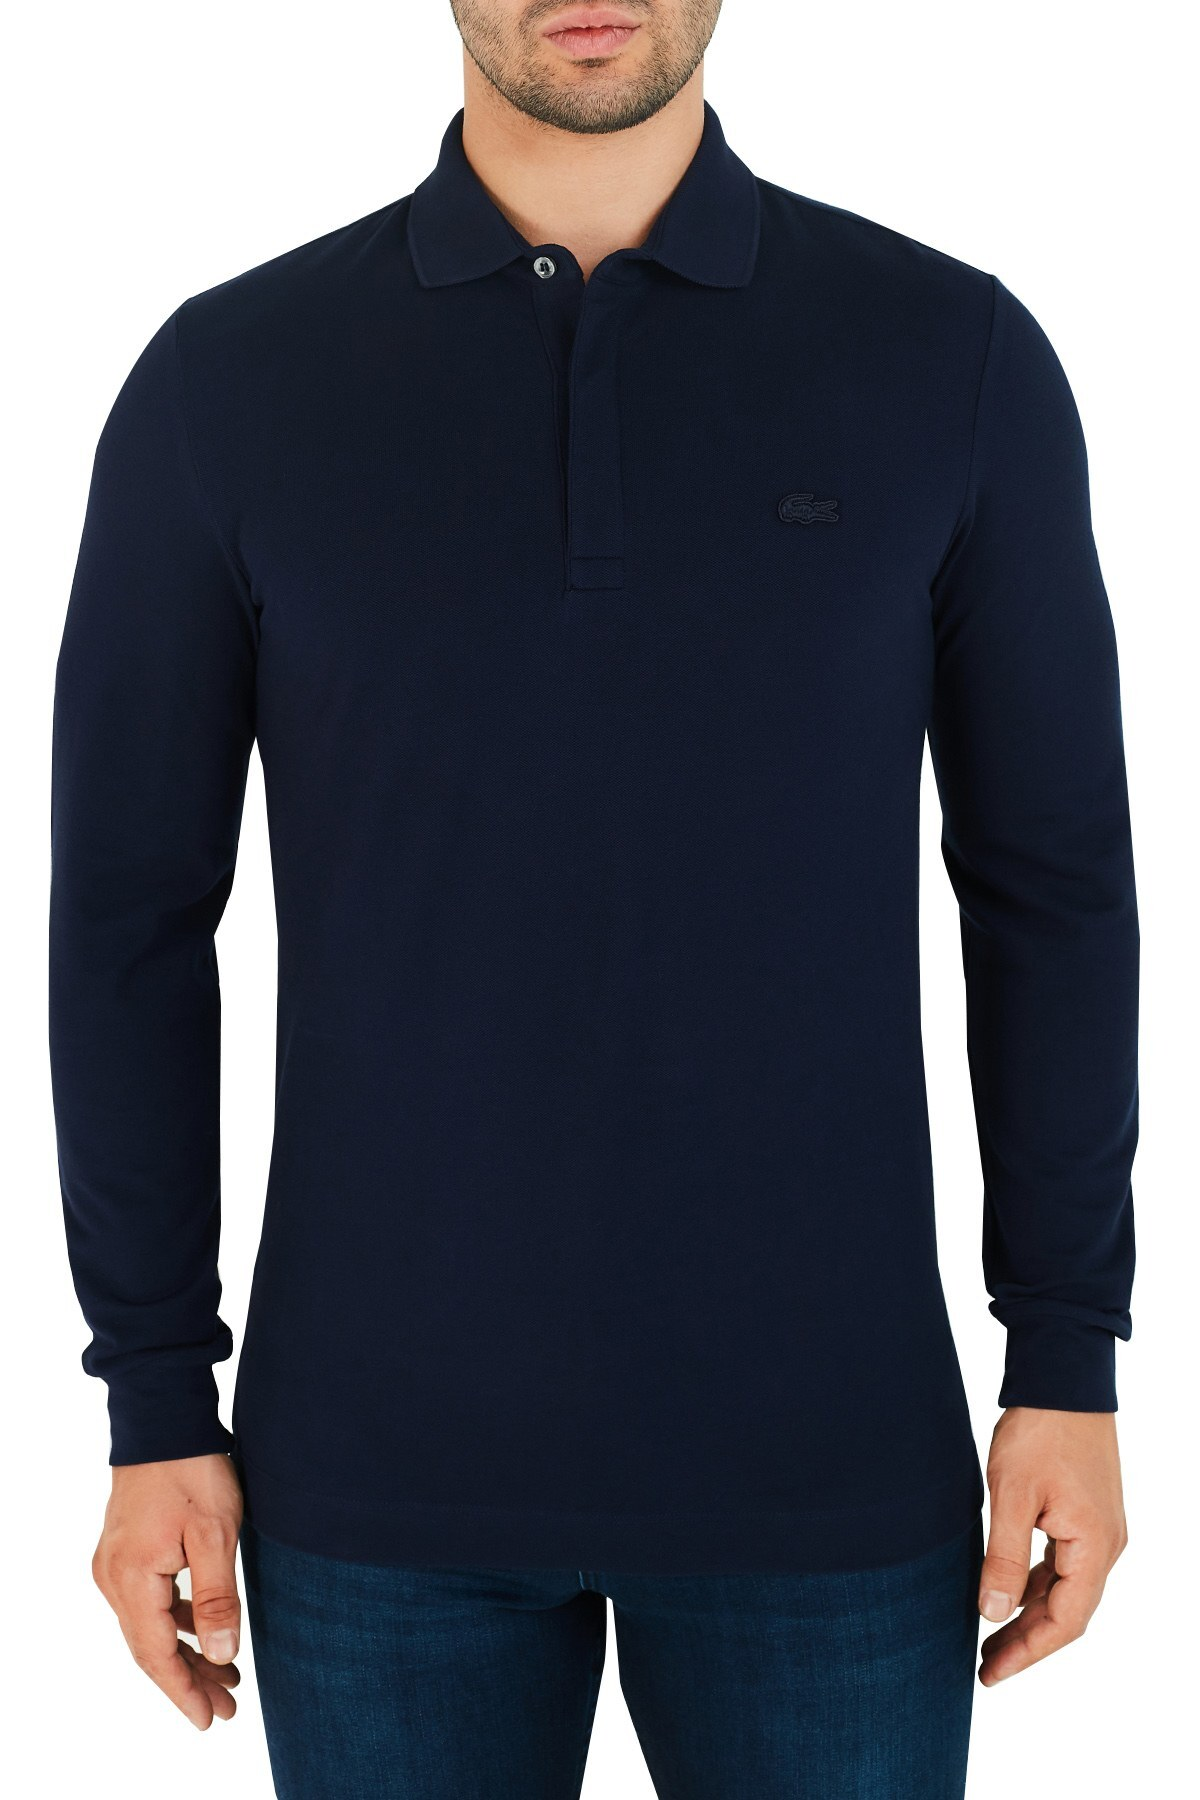 Lacoste Regular Fit Pamuklu Düğmeli T Shirt Erkek Polo PH2481 166 LACİVERT